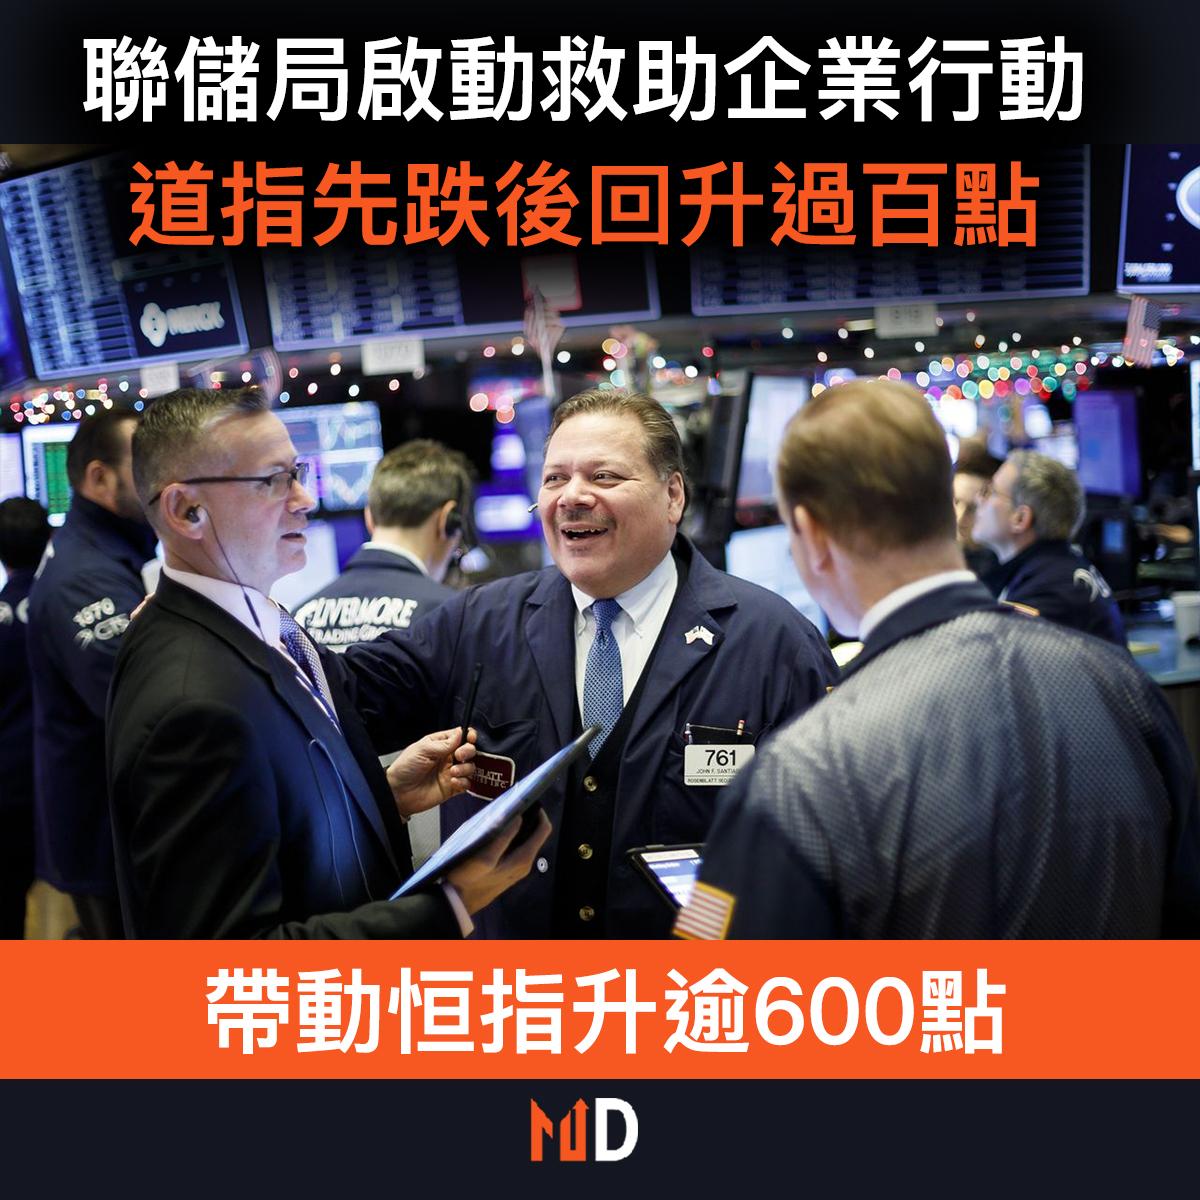 【市場熱話】聯儲局啟動救助企業行動,道指先跌後回升過百點